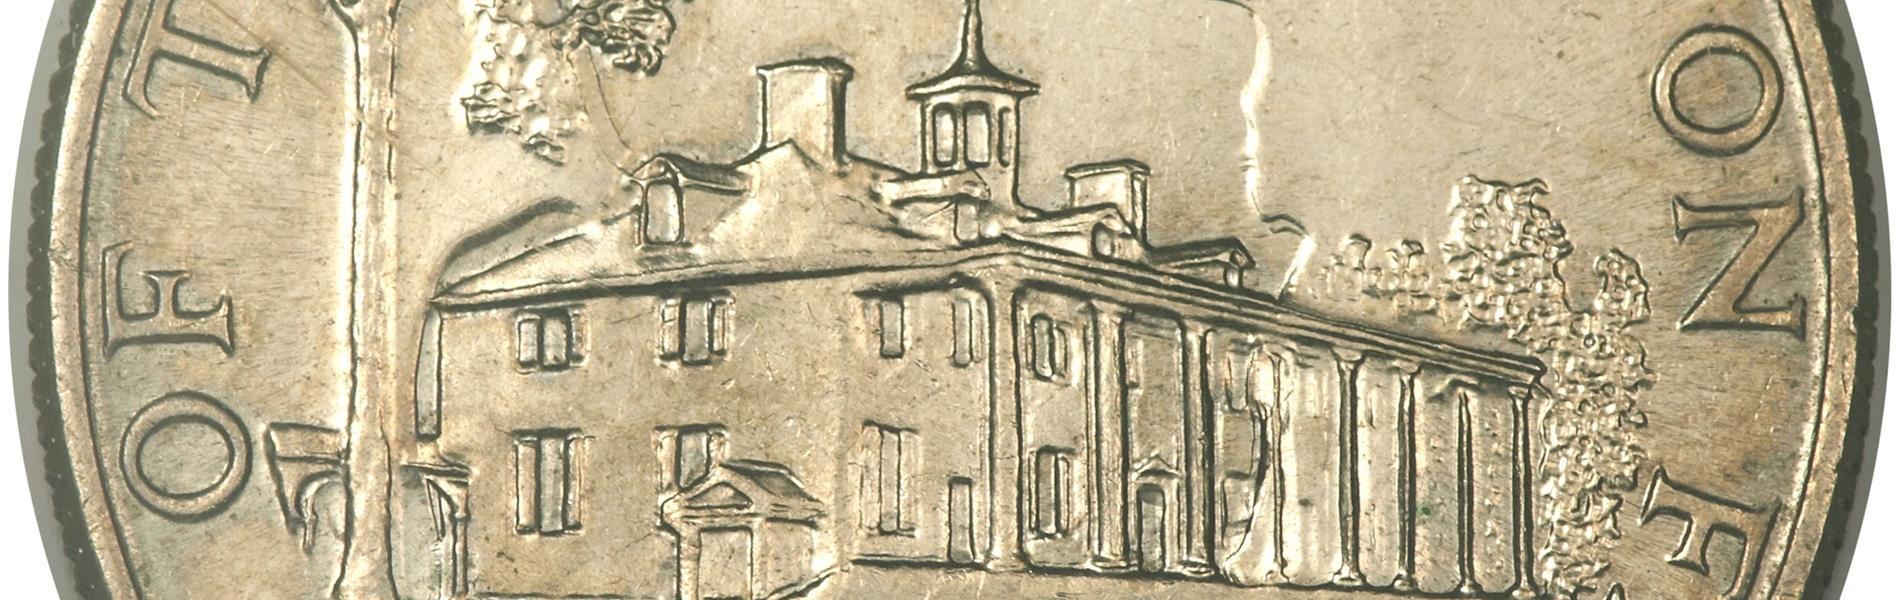 1759-rev-raw